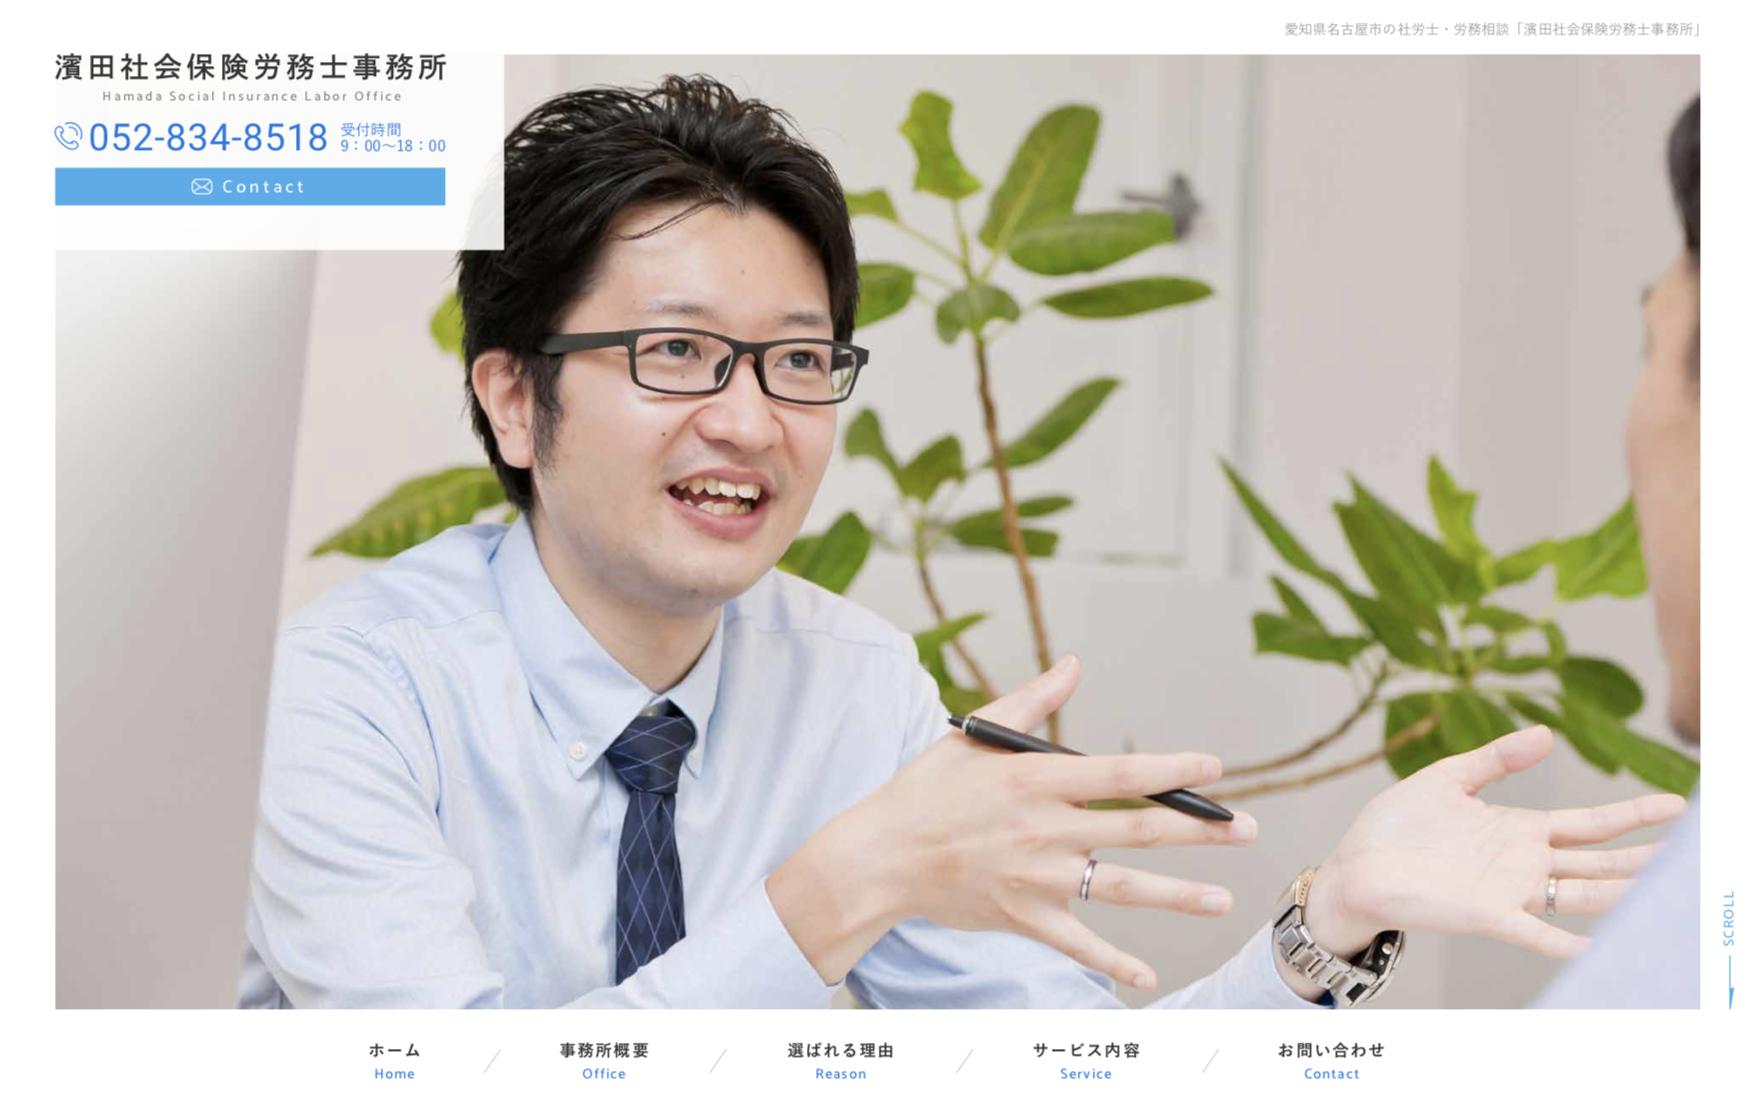 濱田社会保険労務士事務所 様